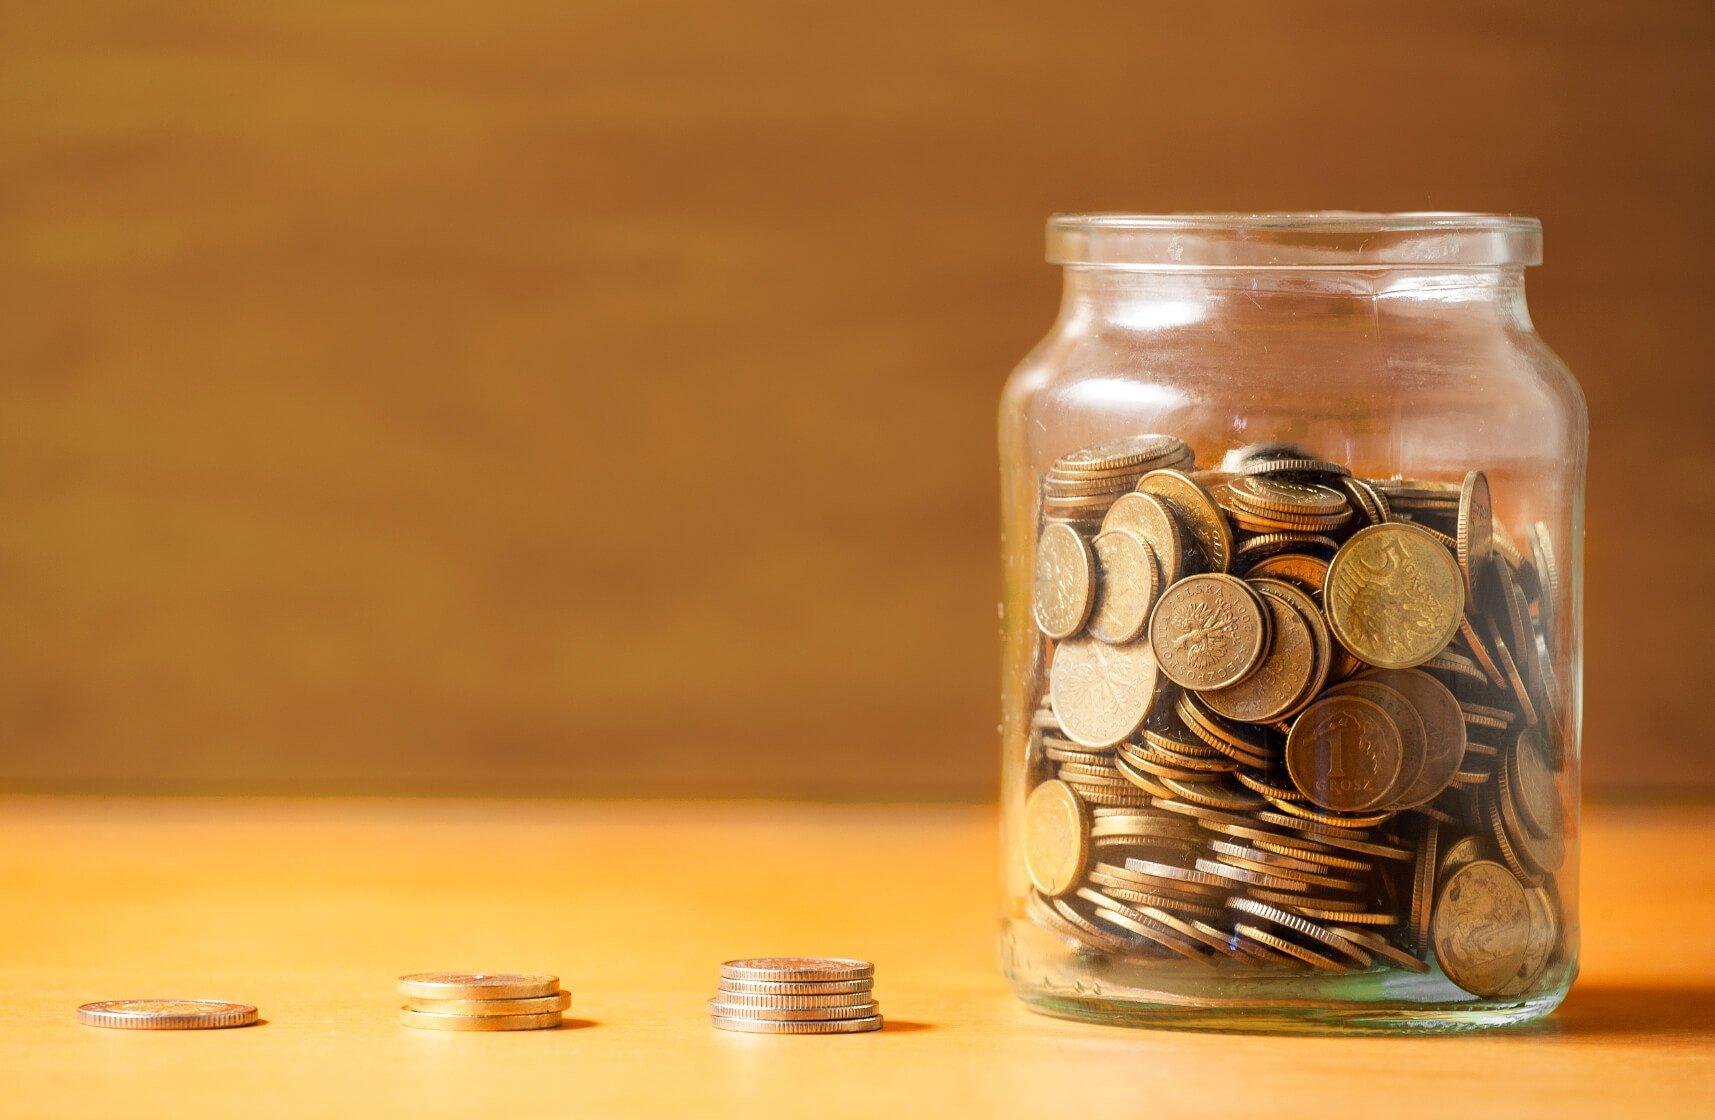 Retirement plans, 401k, IRA, Defined Benefit Plans